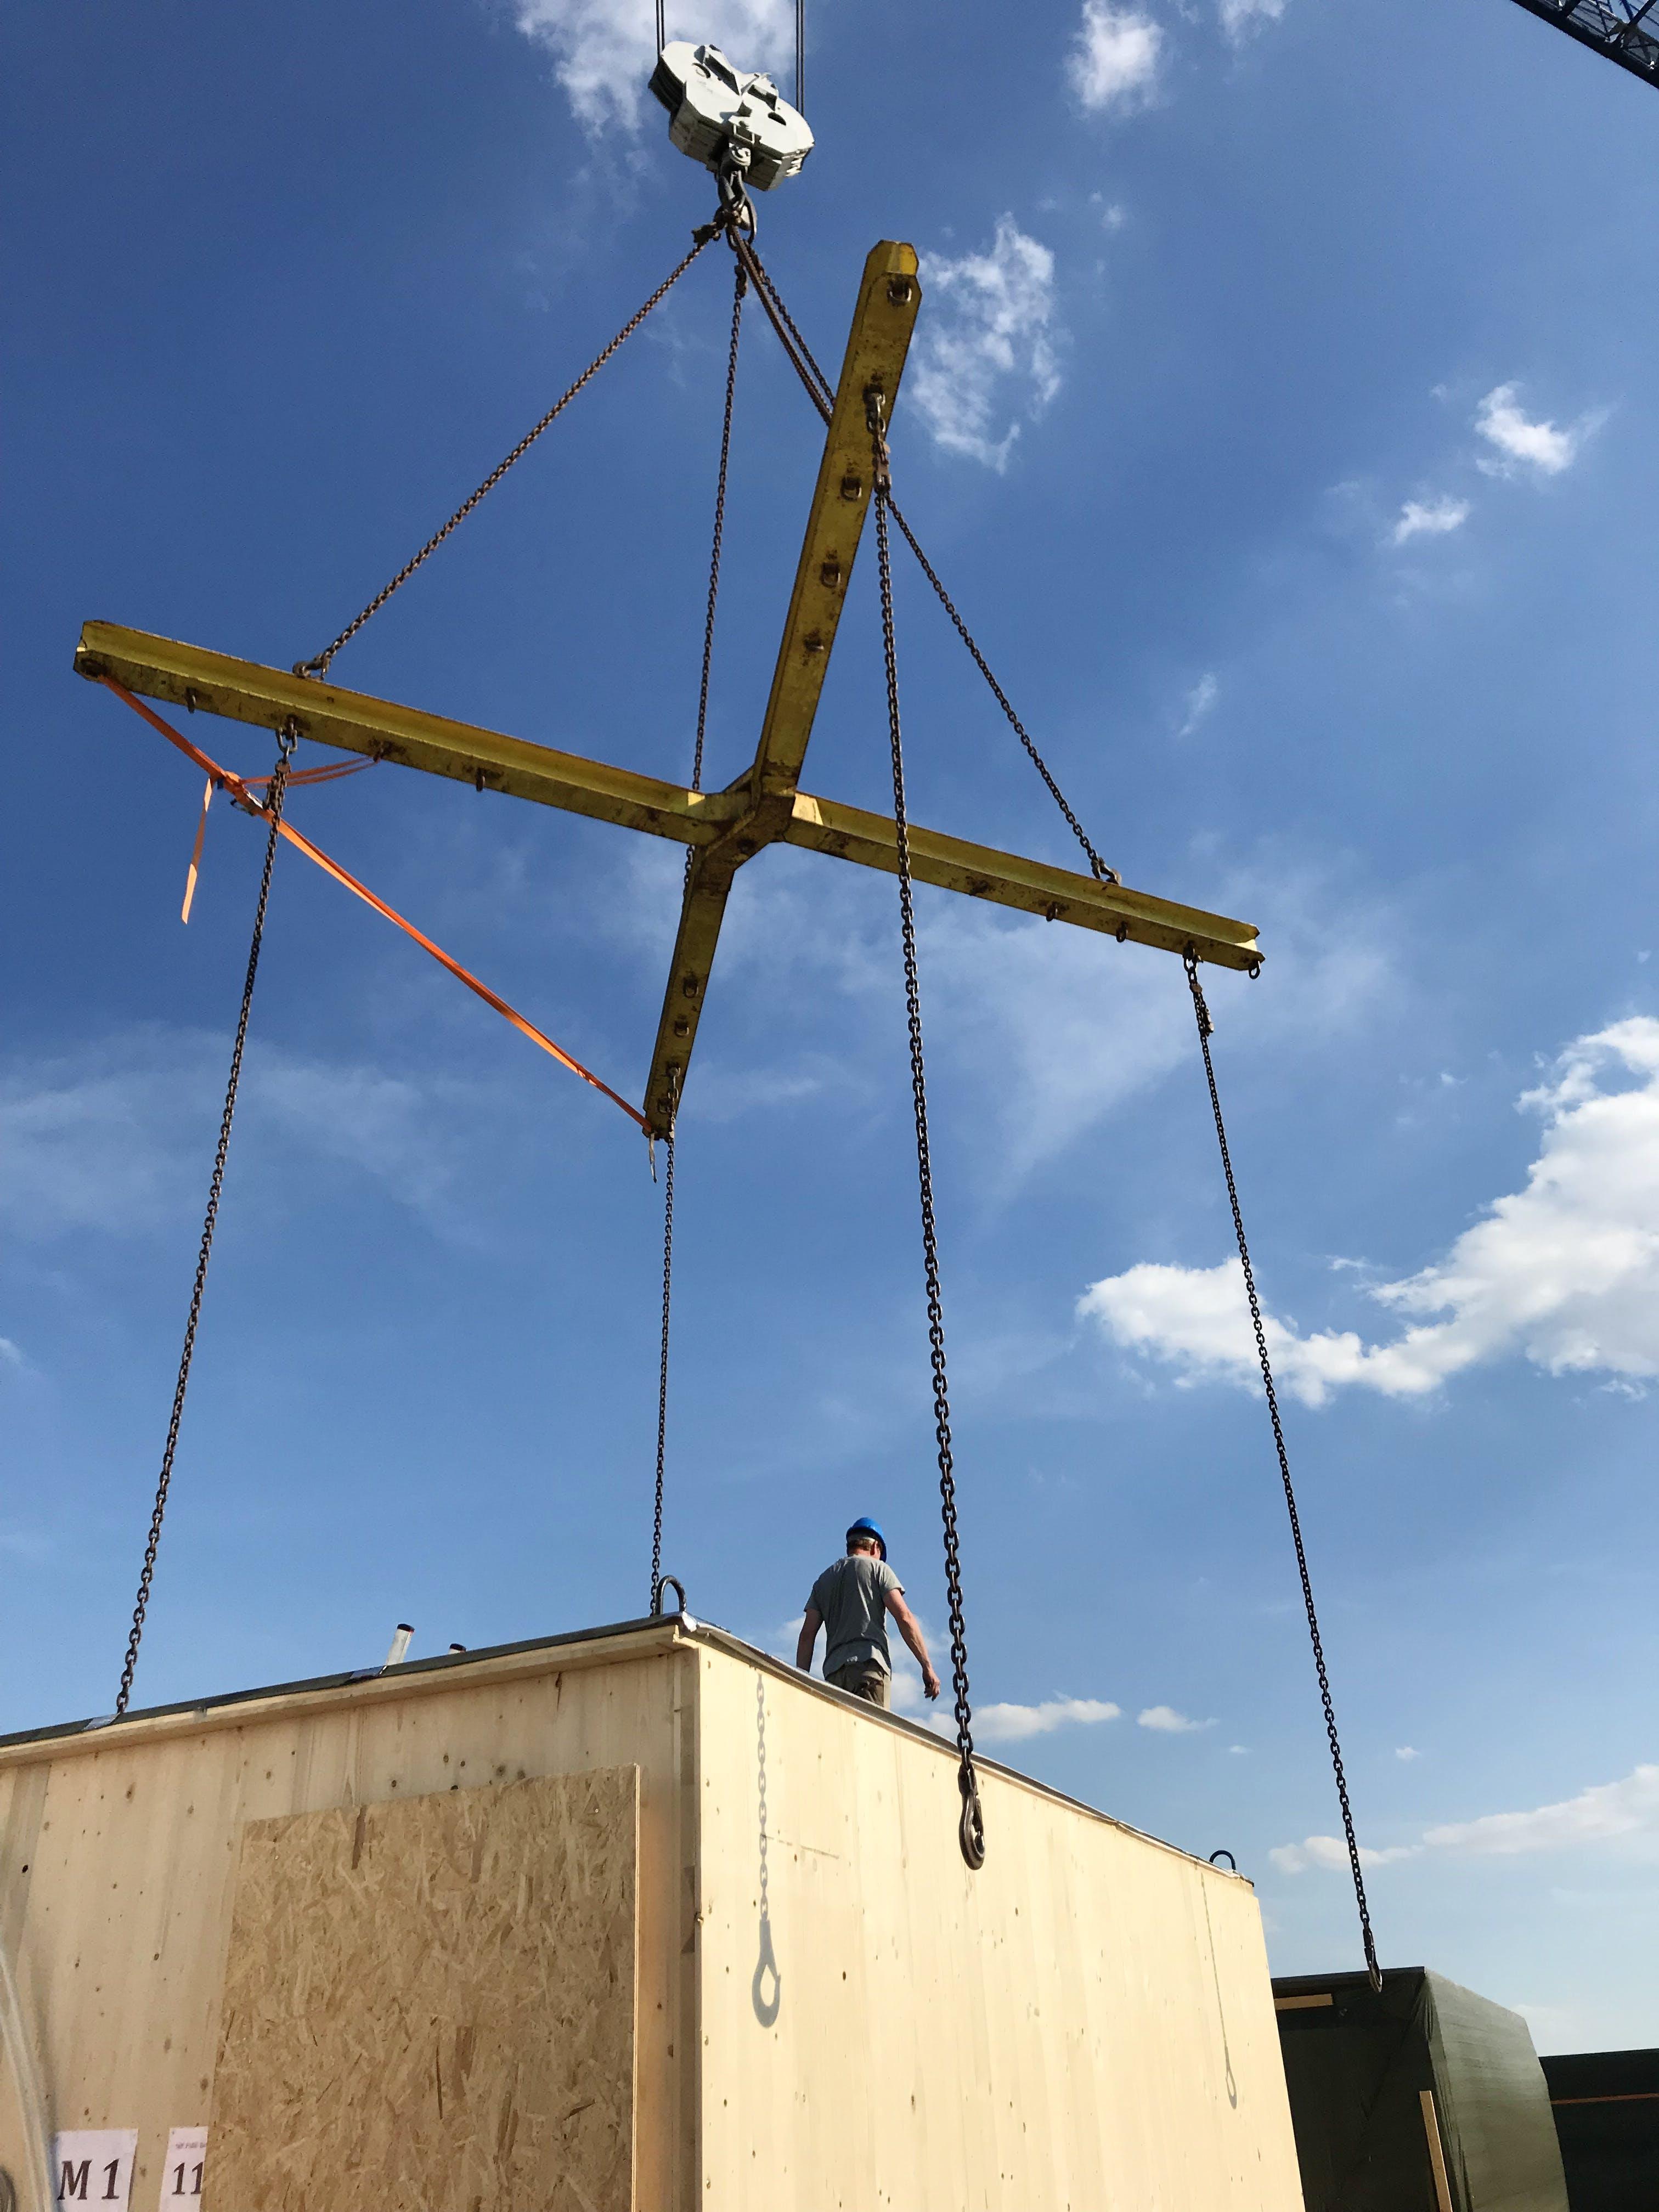 Modulbau aus Holz hängt an Kran